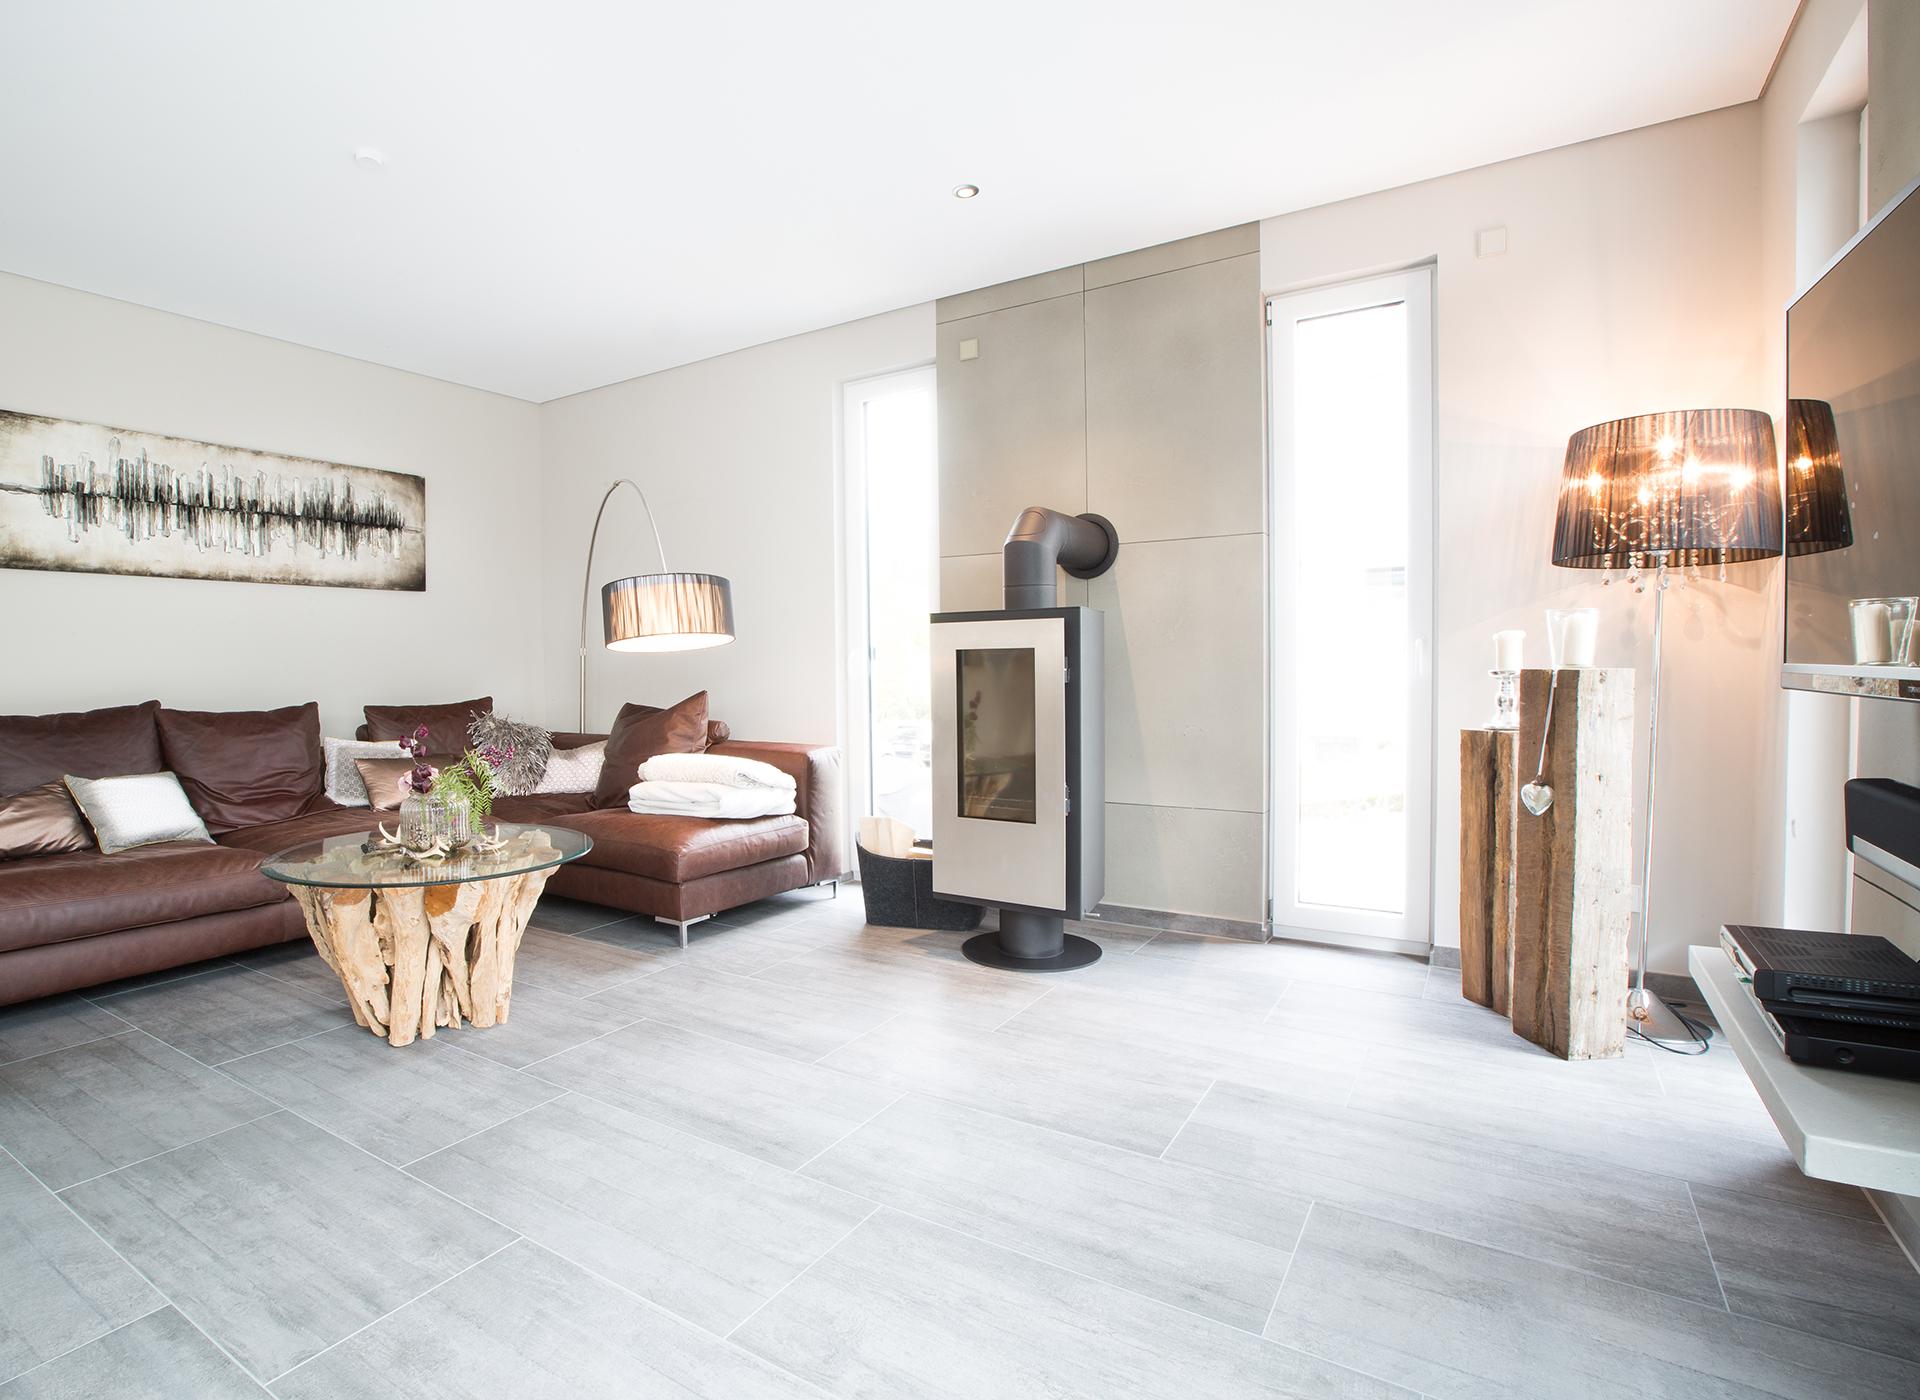 Wohnzimmer mit Betonoptik